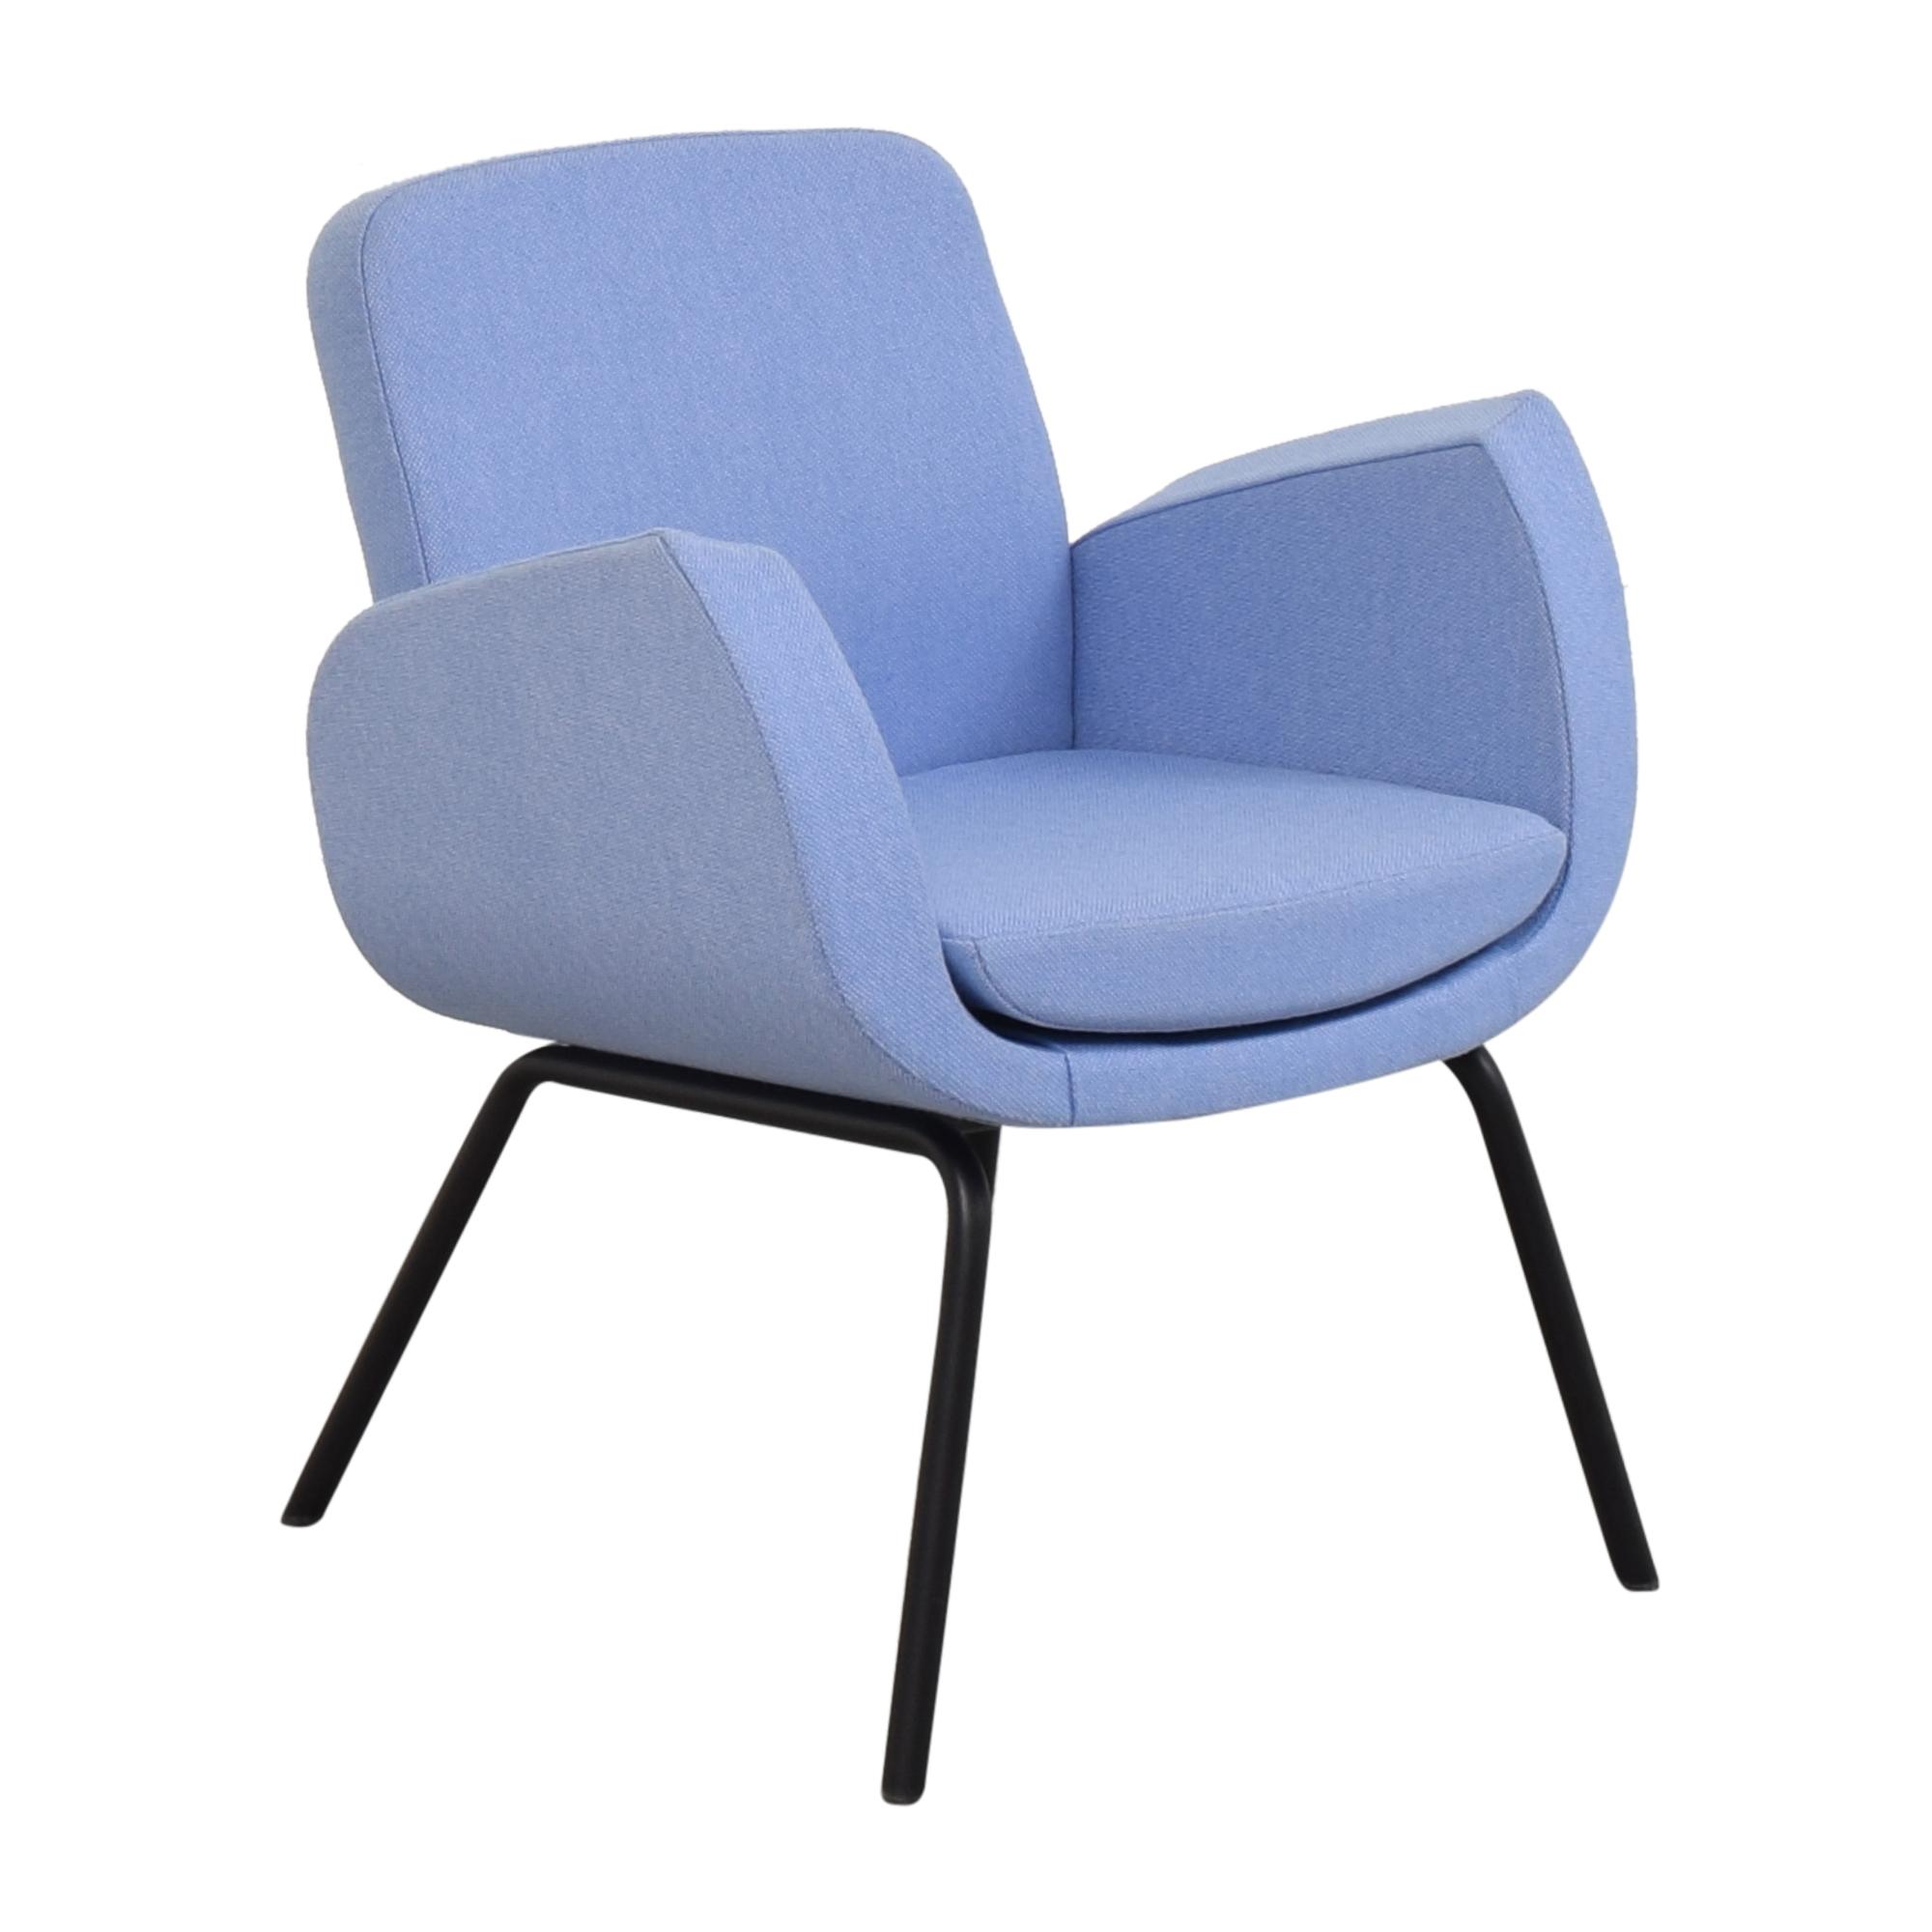 Global Furniture Group Global Furniture Group Kate Chair blue